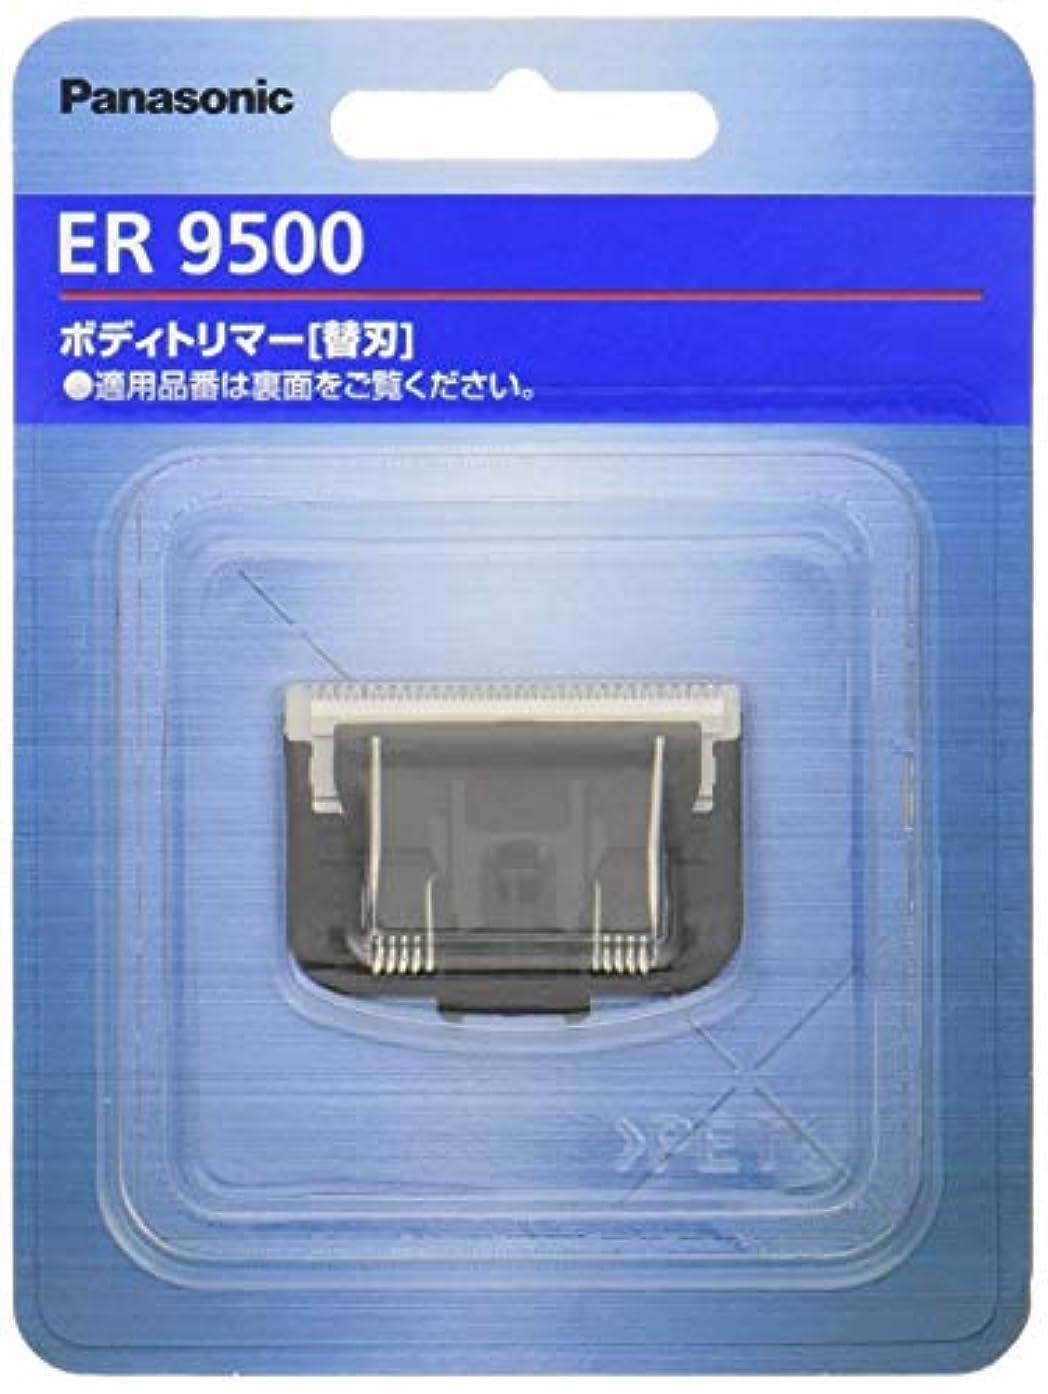 焦がすルビーマルクス主義者パナソニック 替刃 ボディトリマー用 ER9500